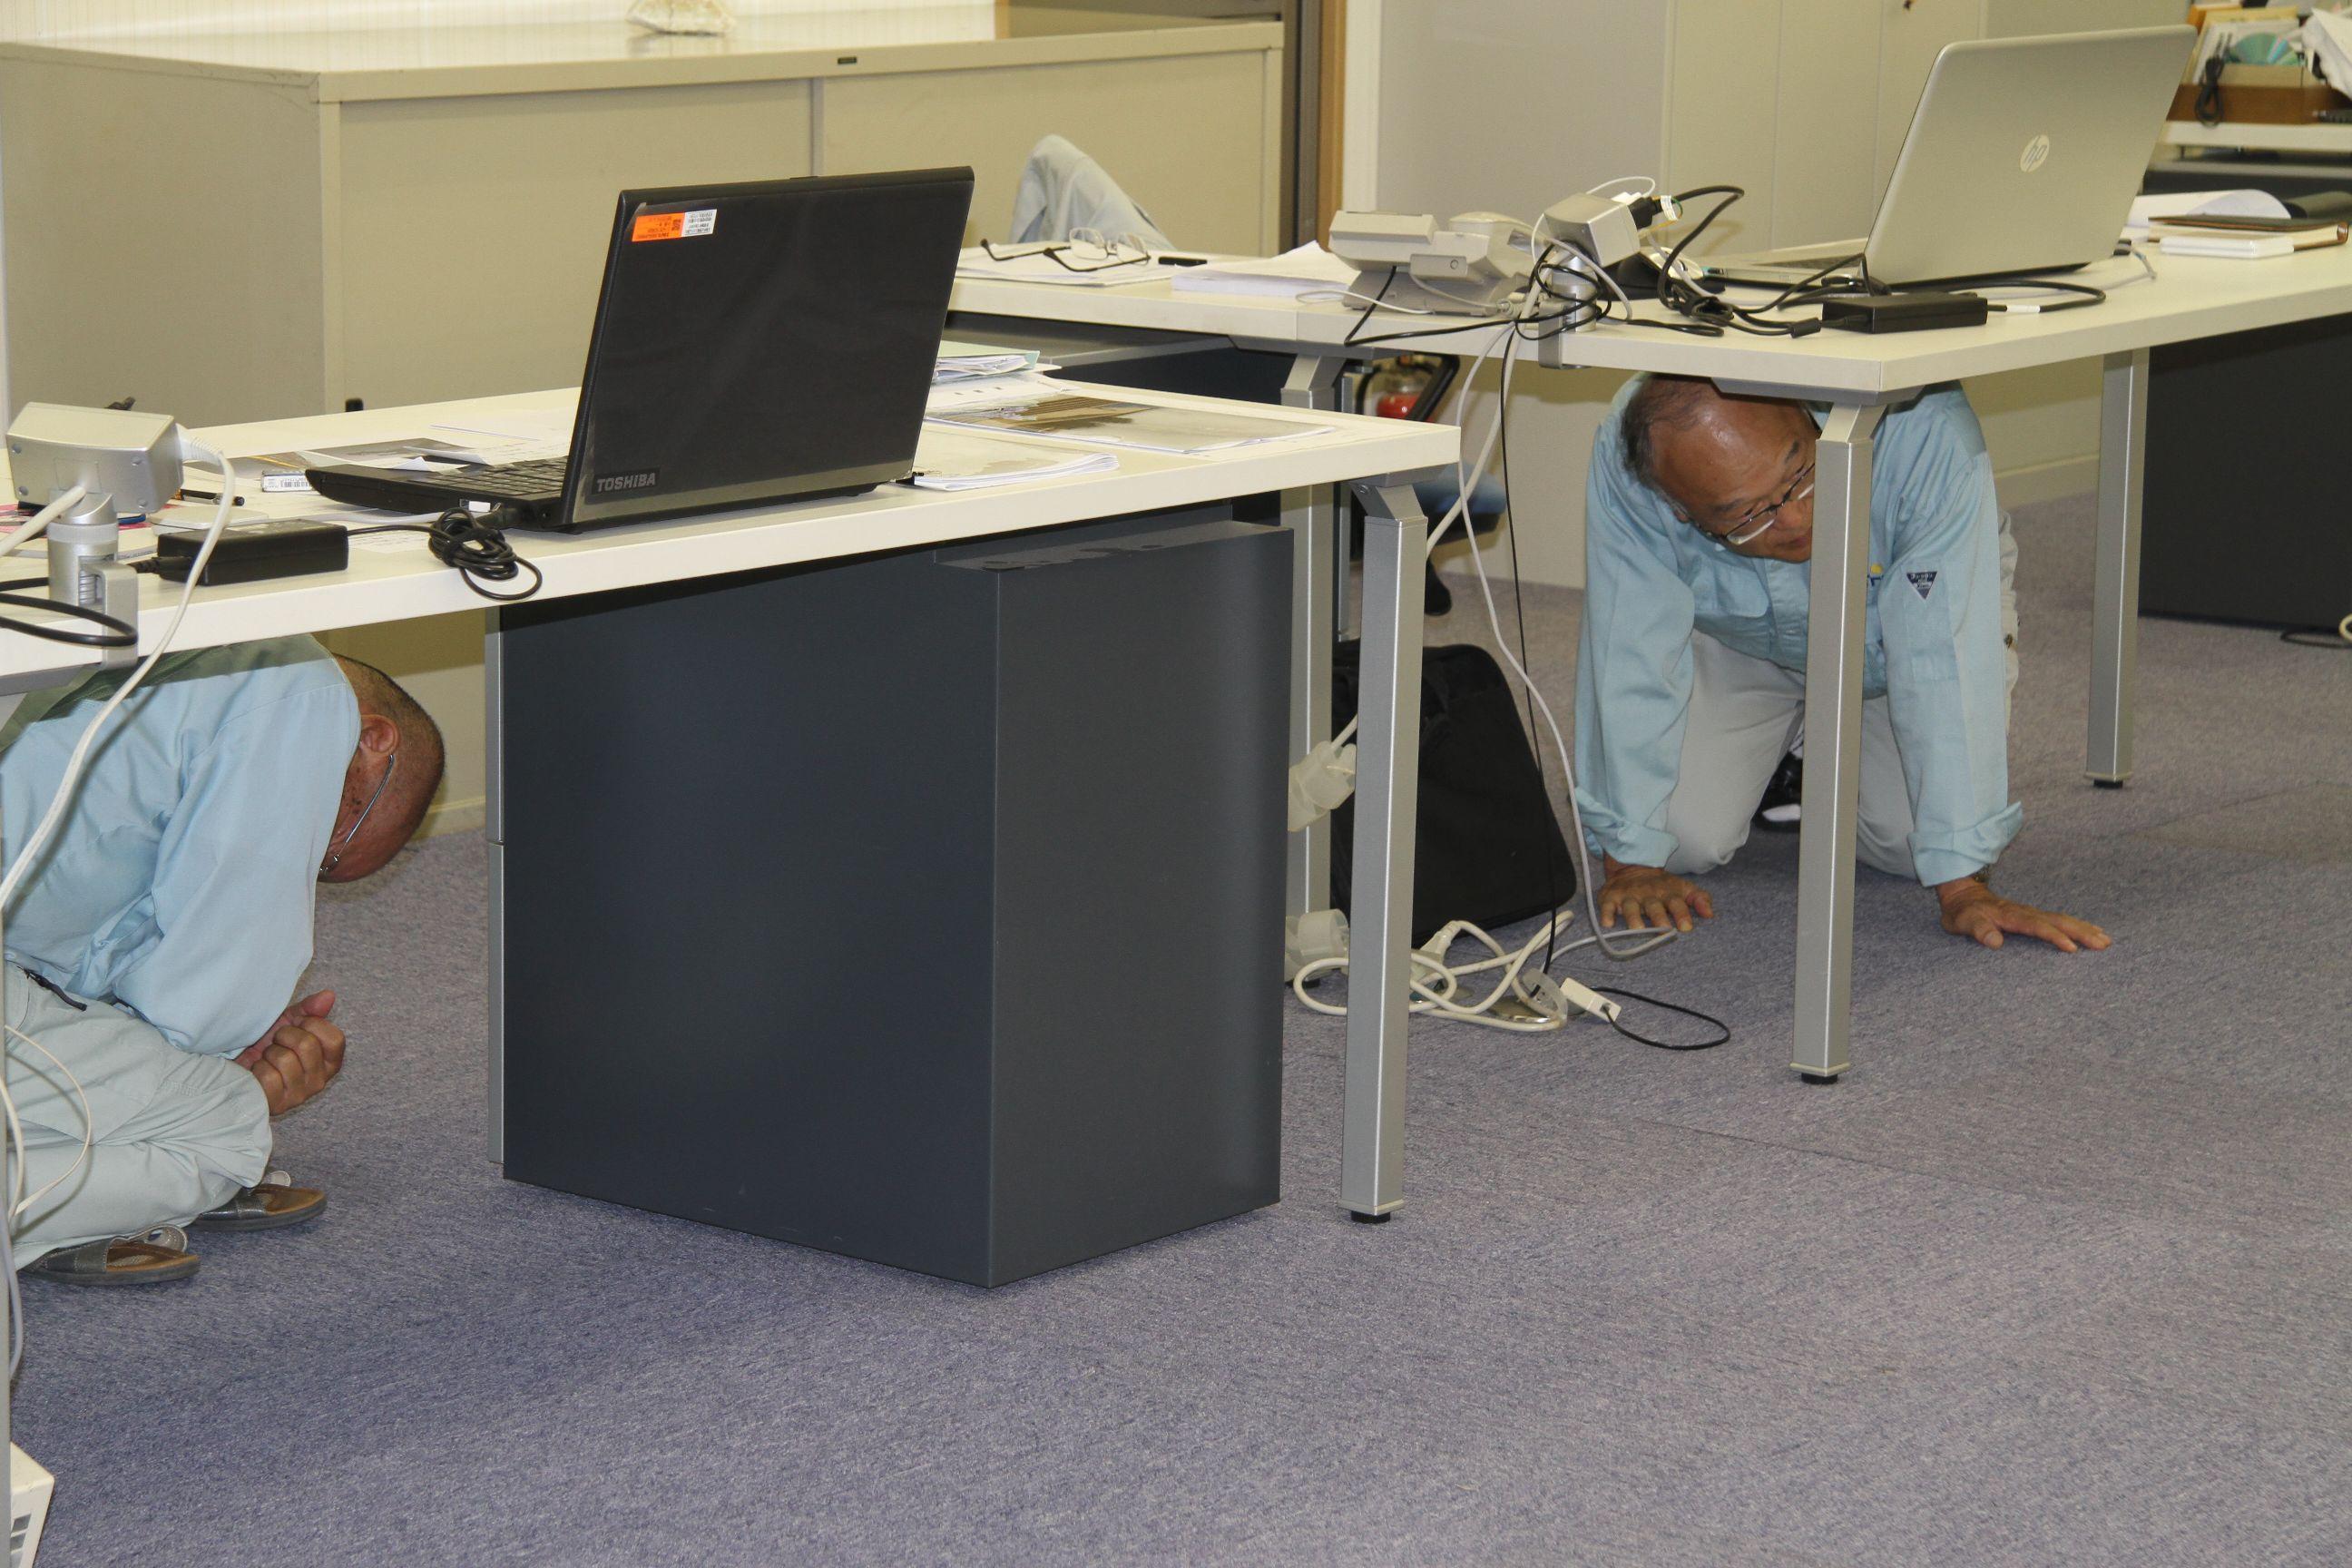 緊急地震速報!揺れが収まるまで、机の下に避難